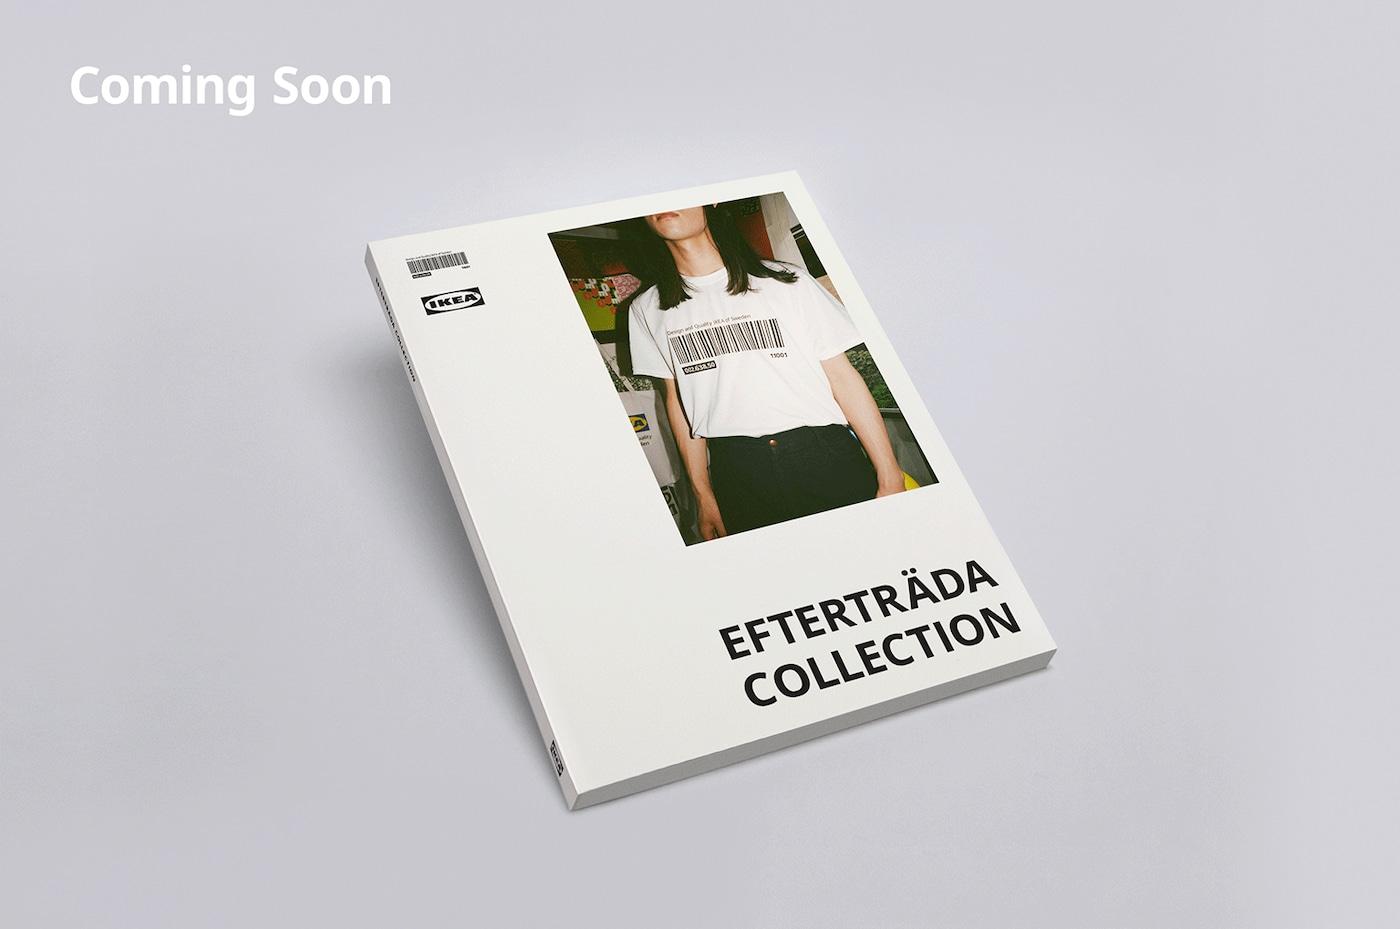 """IKEA Rilis """"EFTERTRADA"""" Sebagai Koleksi """"Fashion"""" Pertama Mereka, Yuk Intip!"""